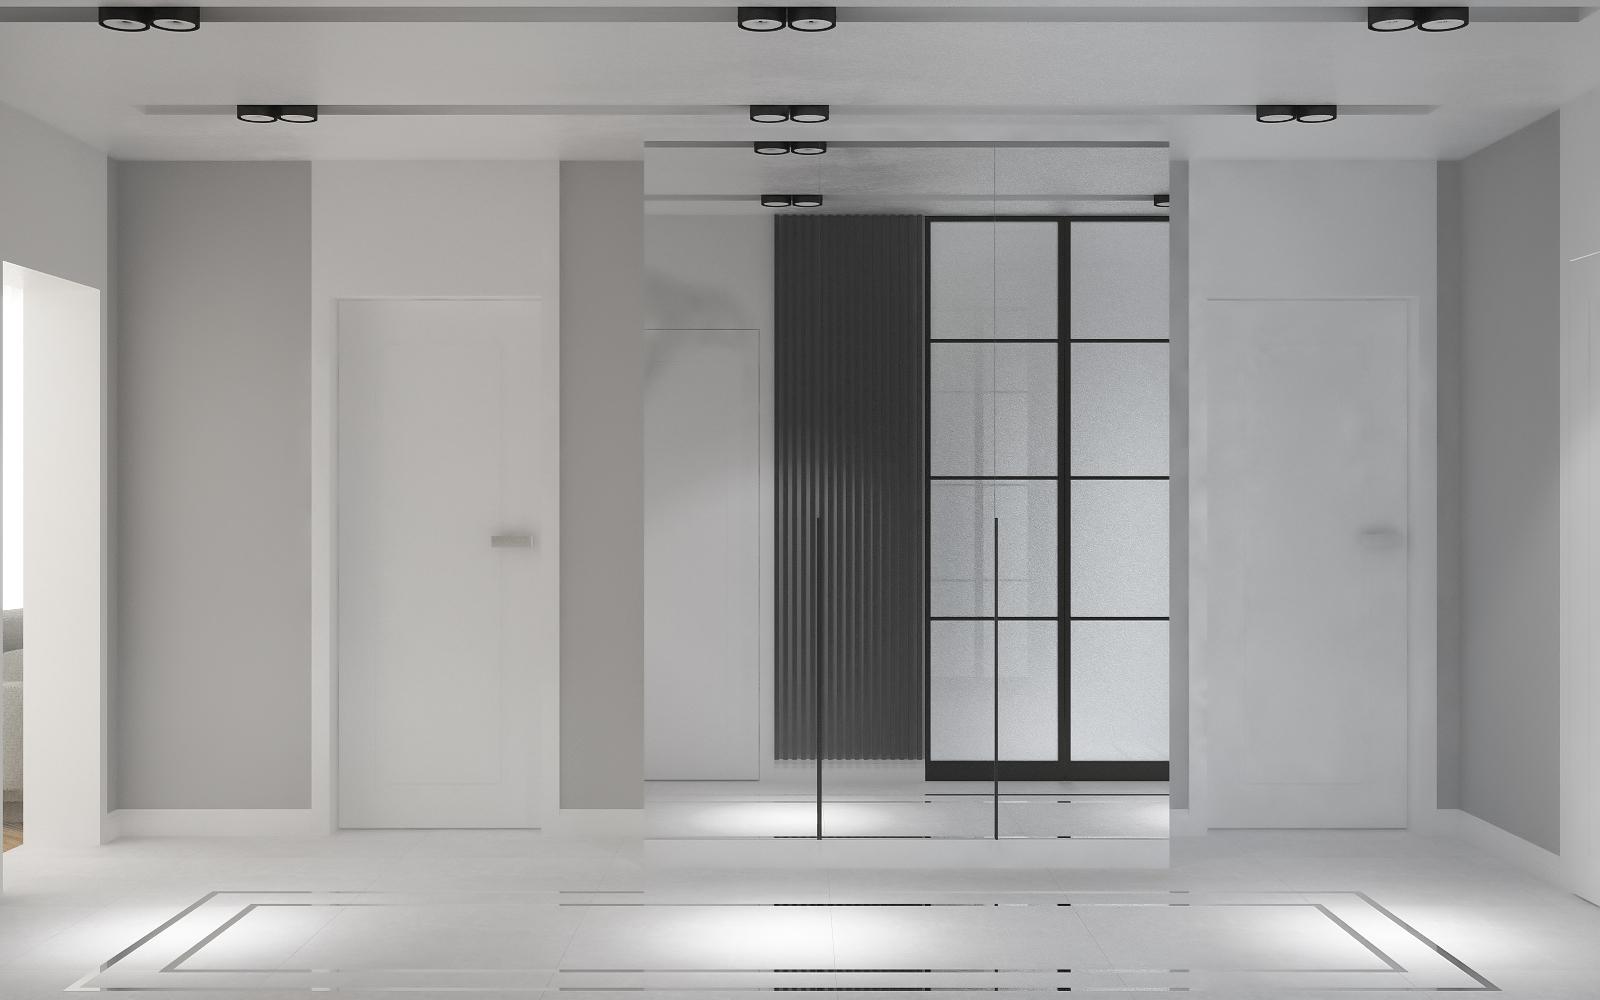 projektowanie wnętrz - Sękocin Nowy